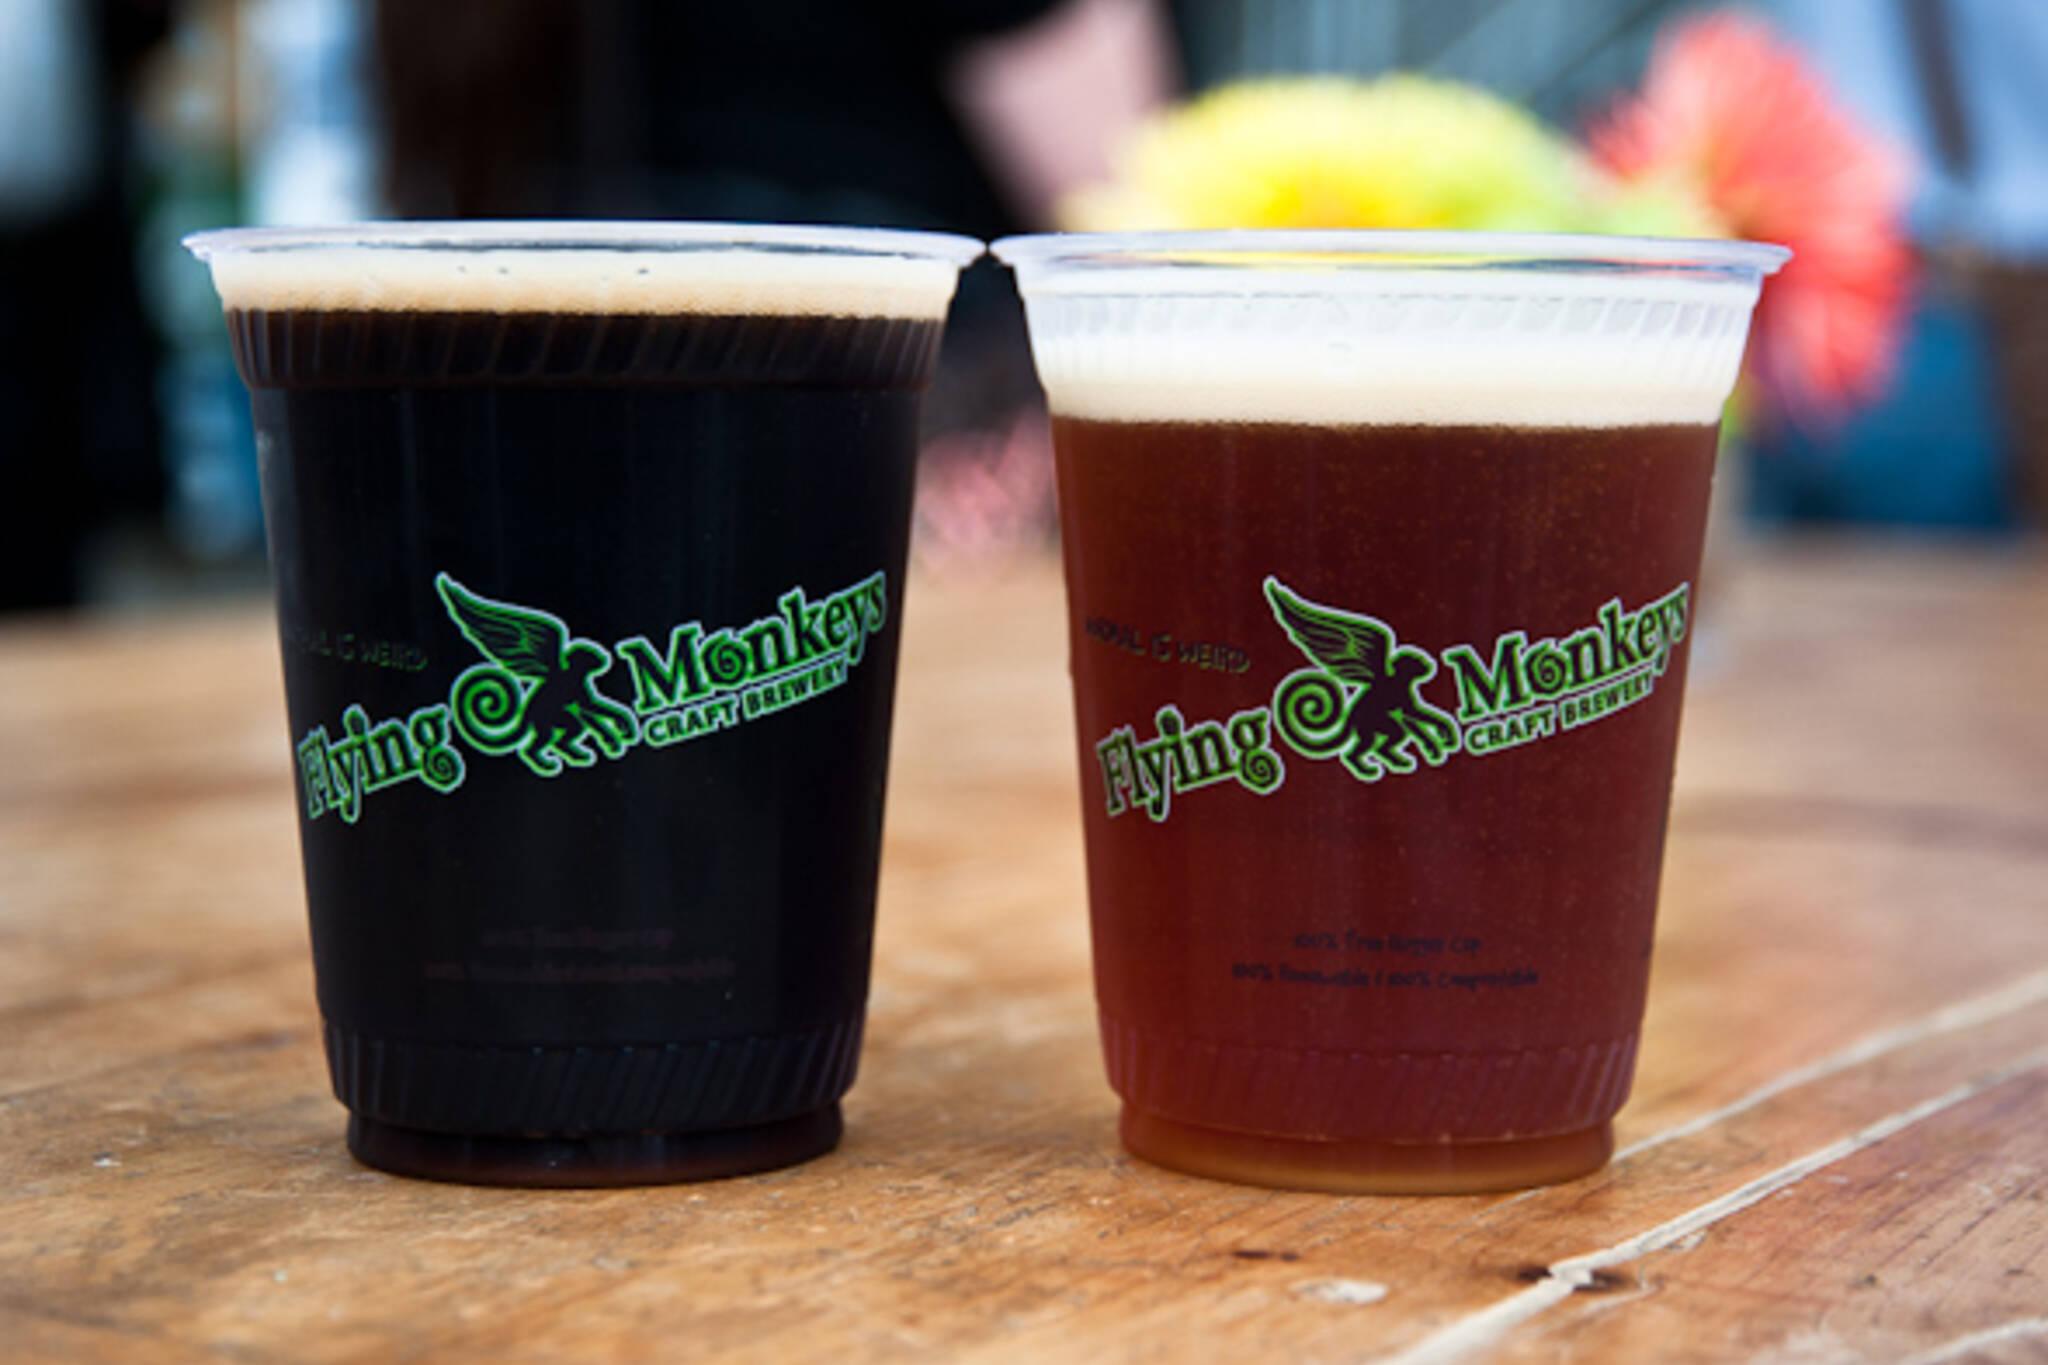 Brewery Market Wychwood